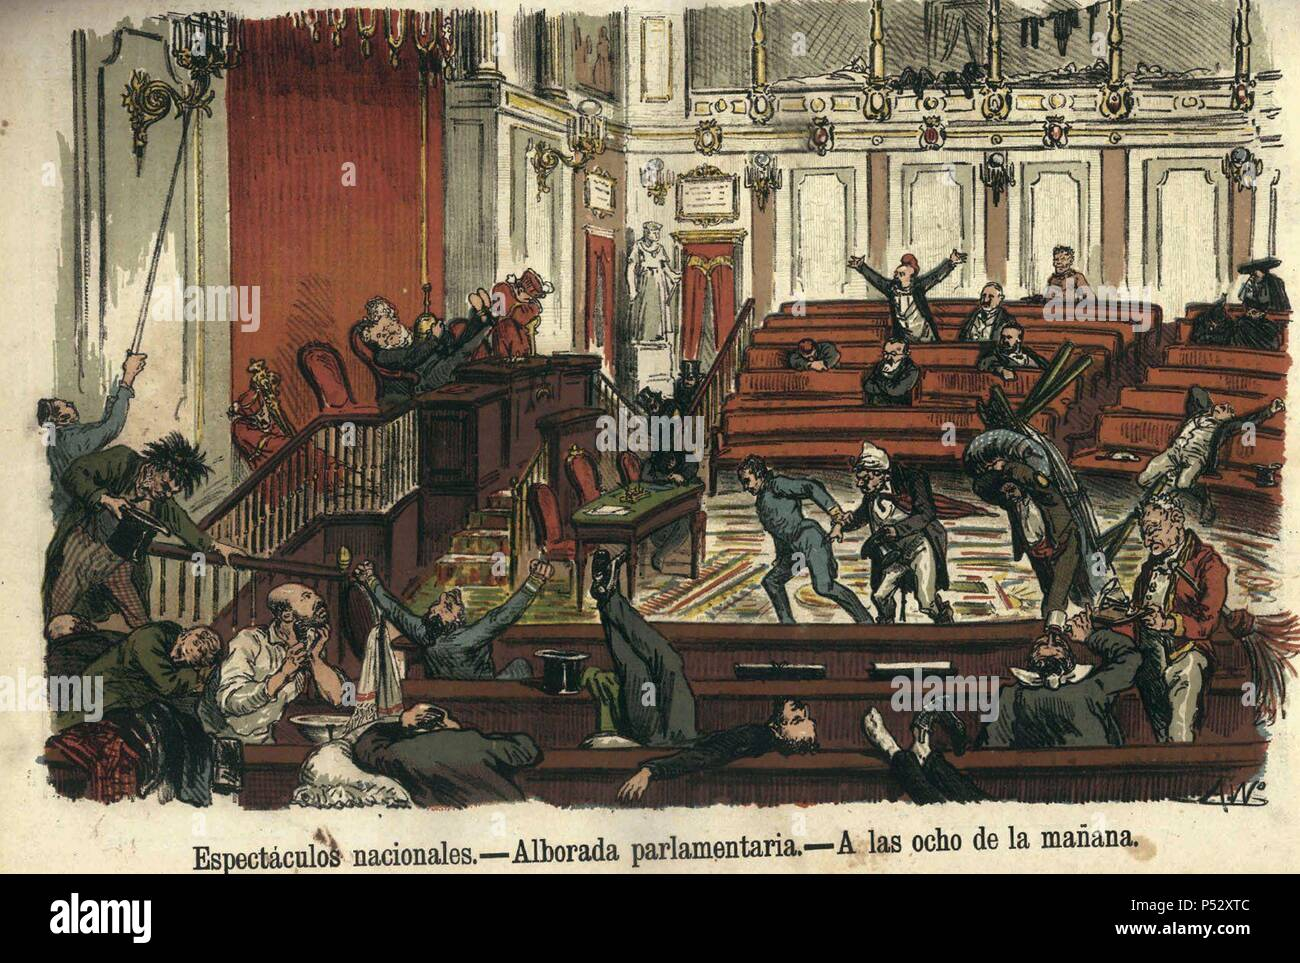 ESPECTACULOS NACIONALES - ALBORADA PARLAMENTARIA - A LAS 8 DE LA MAÑANA - SATIRA - REVISTA LA FLACA - 28 DE MAYO DE 1871. Location: BIBLIOTECA NACIONAL-COLECCION, MADRID, SPAIN. - Stock Image